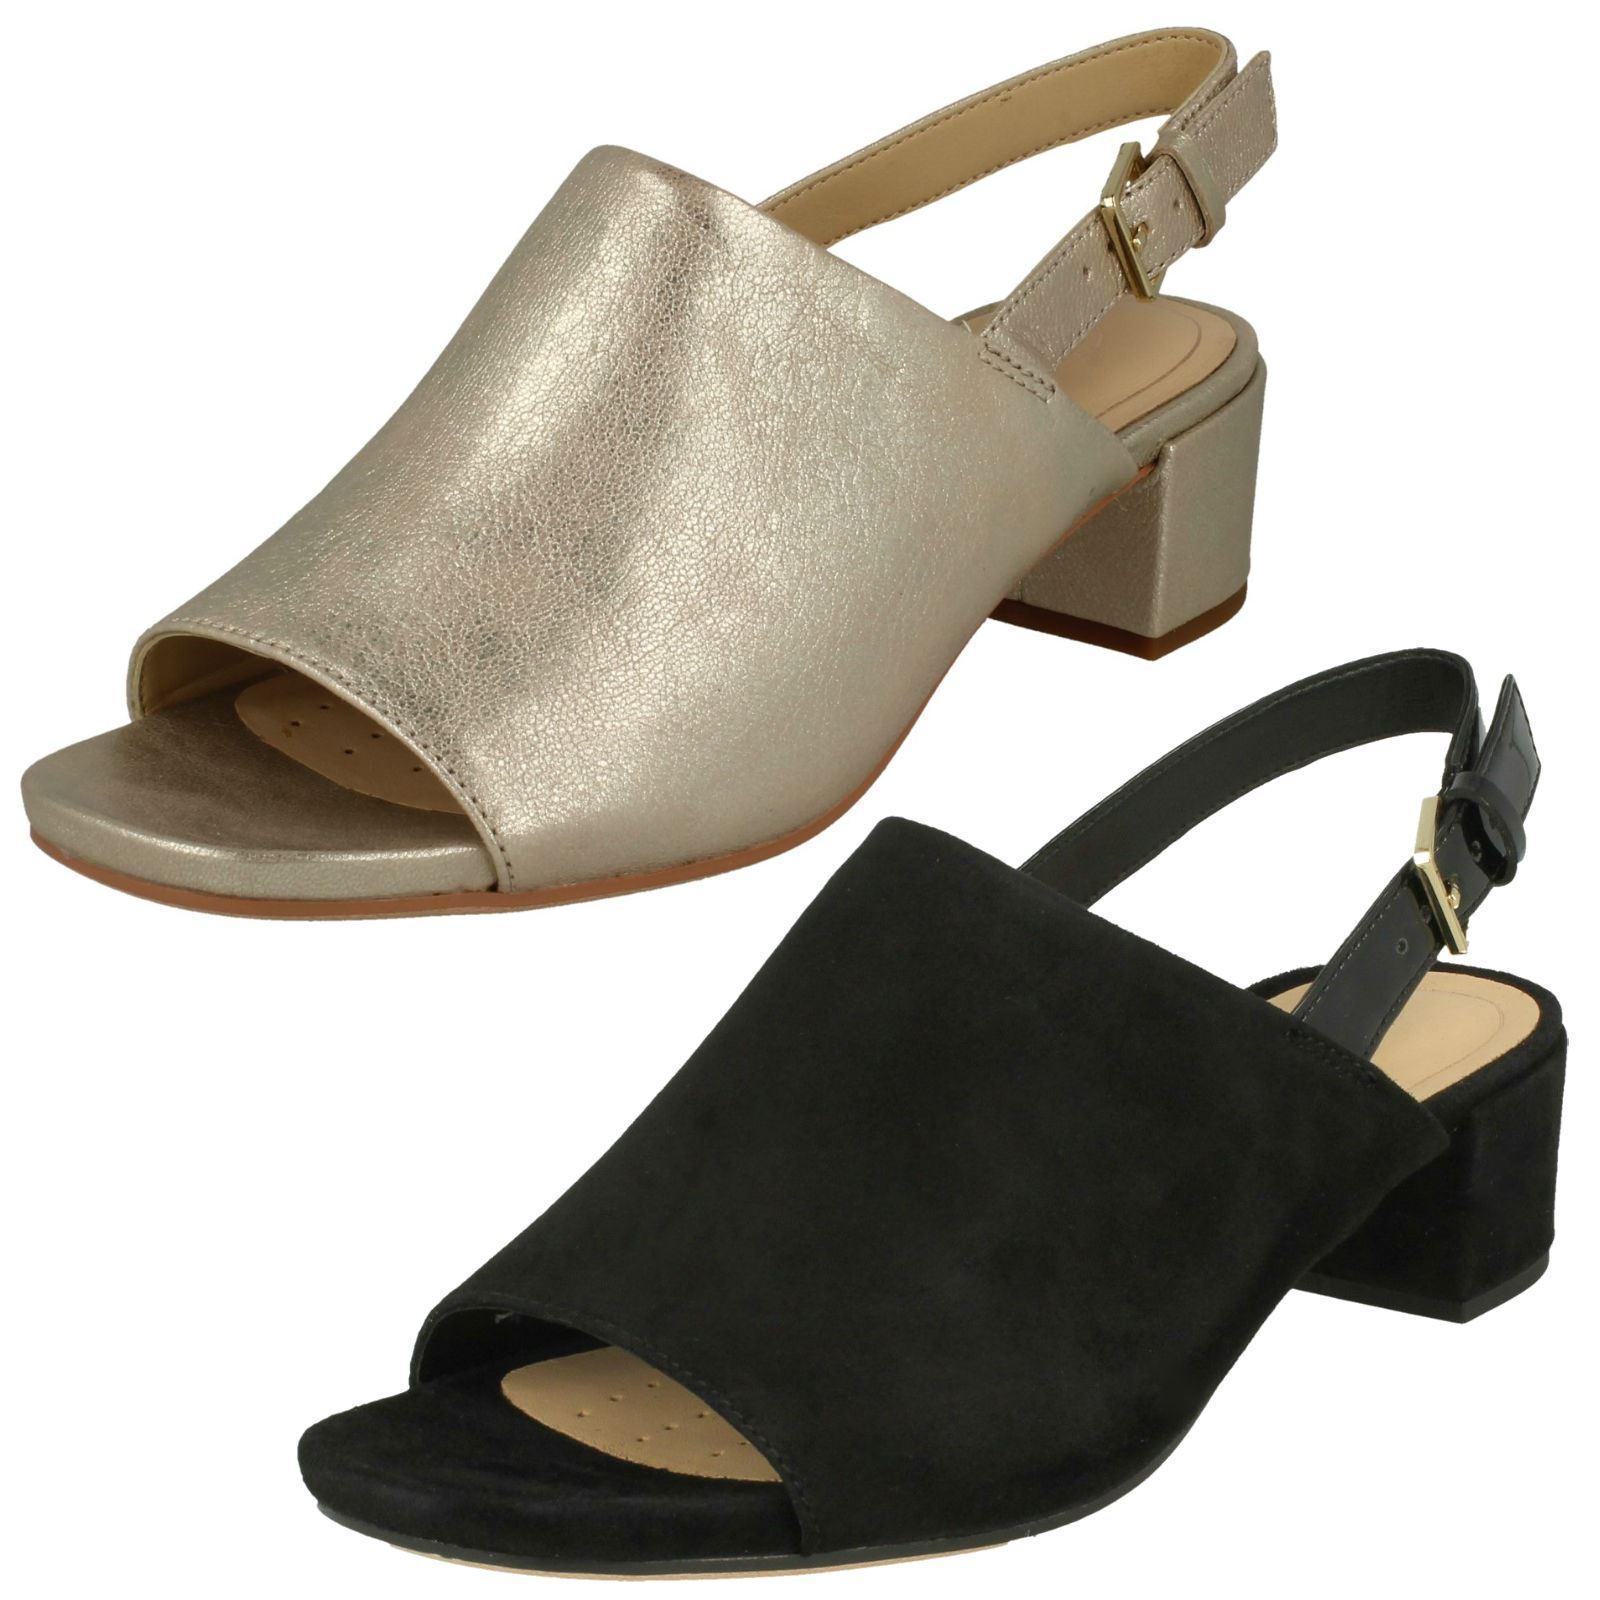 Sandalo Donna Clarks Aperti Sul con Retro Retro con Sandalo con Sul tacco   662542